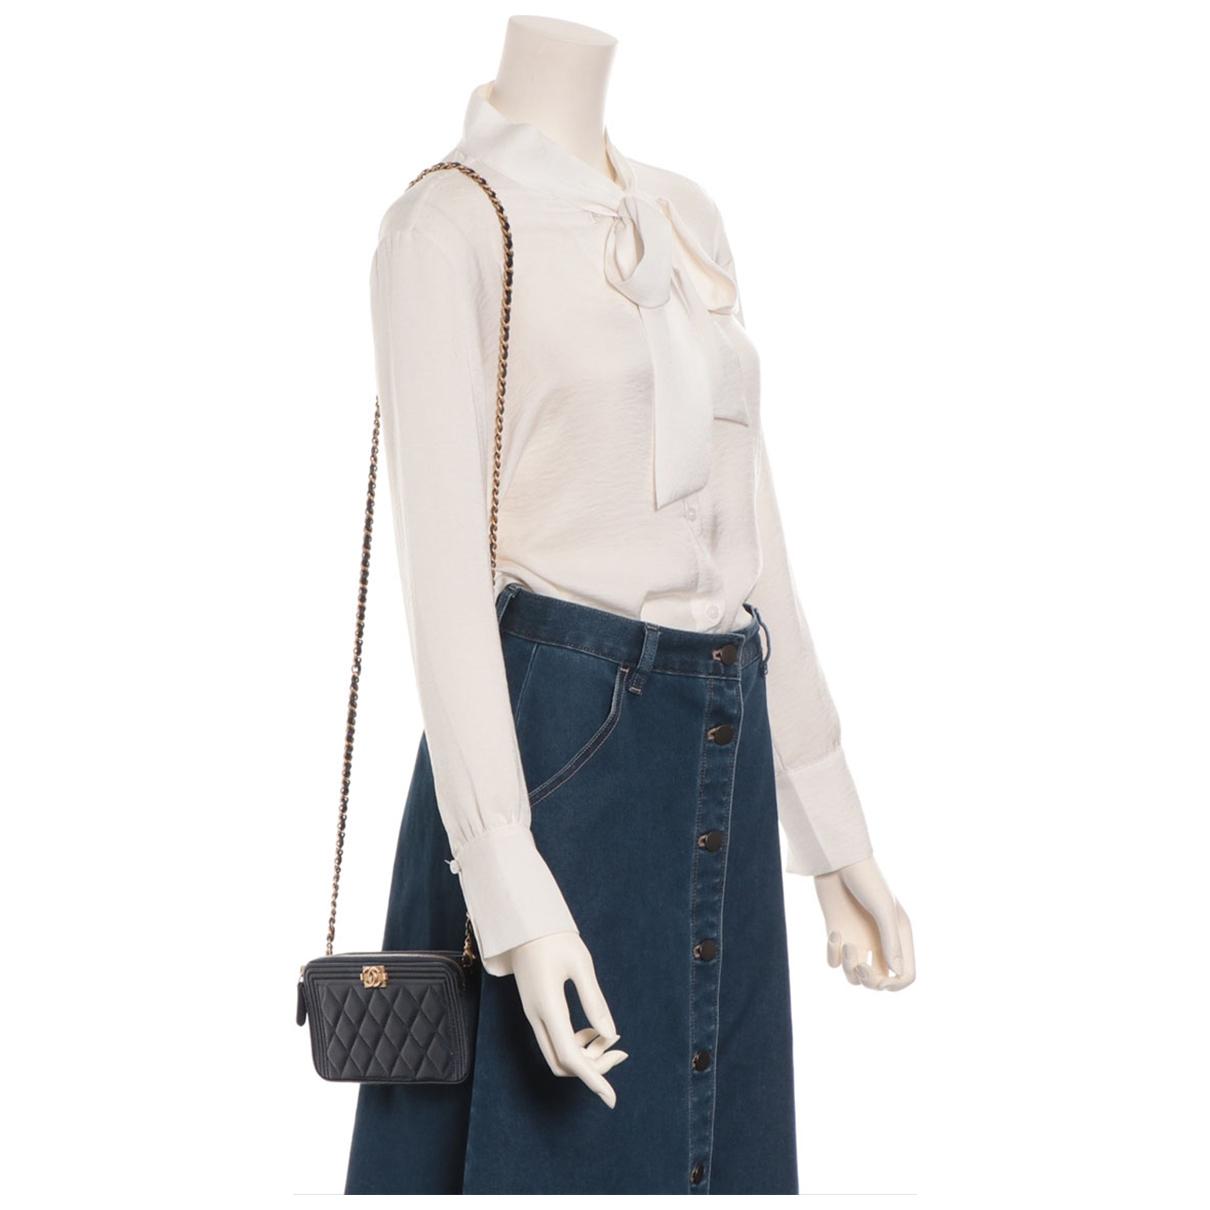 Chanel - Sac a main   pour femme en cuir - marine